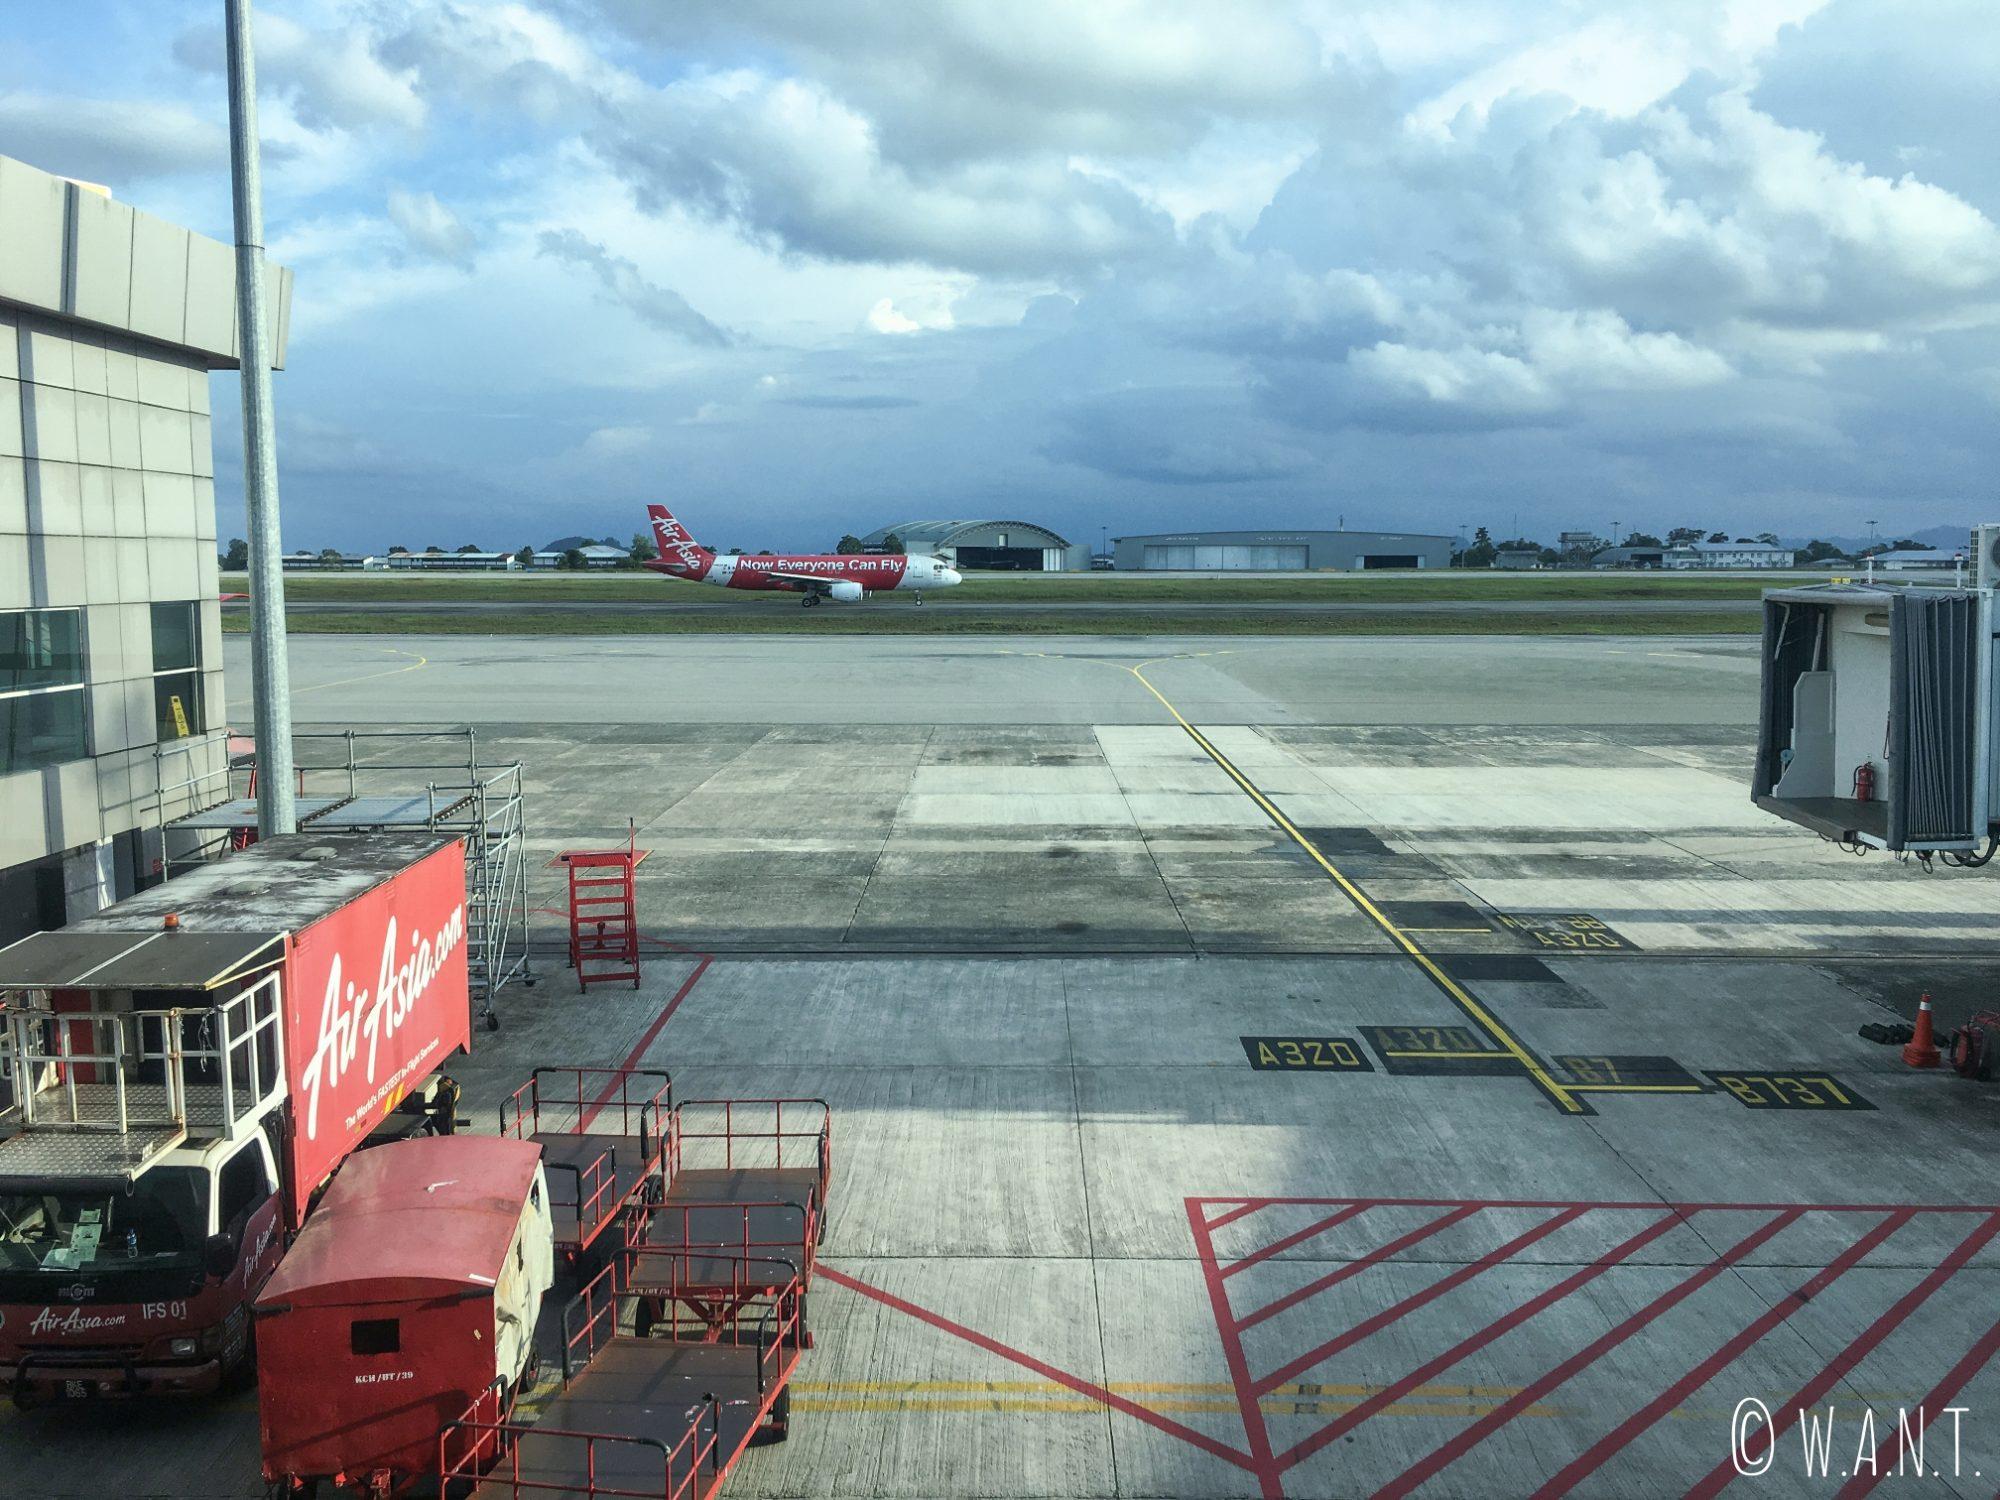 Nous sommes prêts à embarquer sur Air Asia en direction de Perth depuis Kuala Lumpur